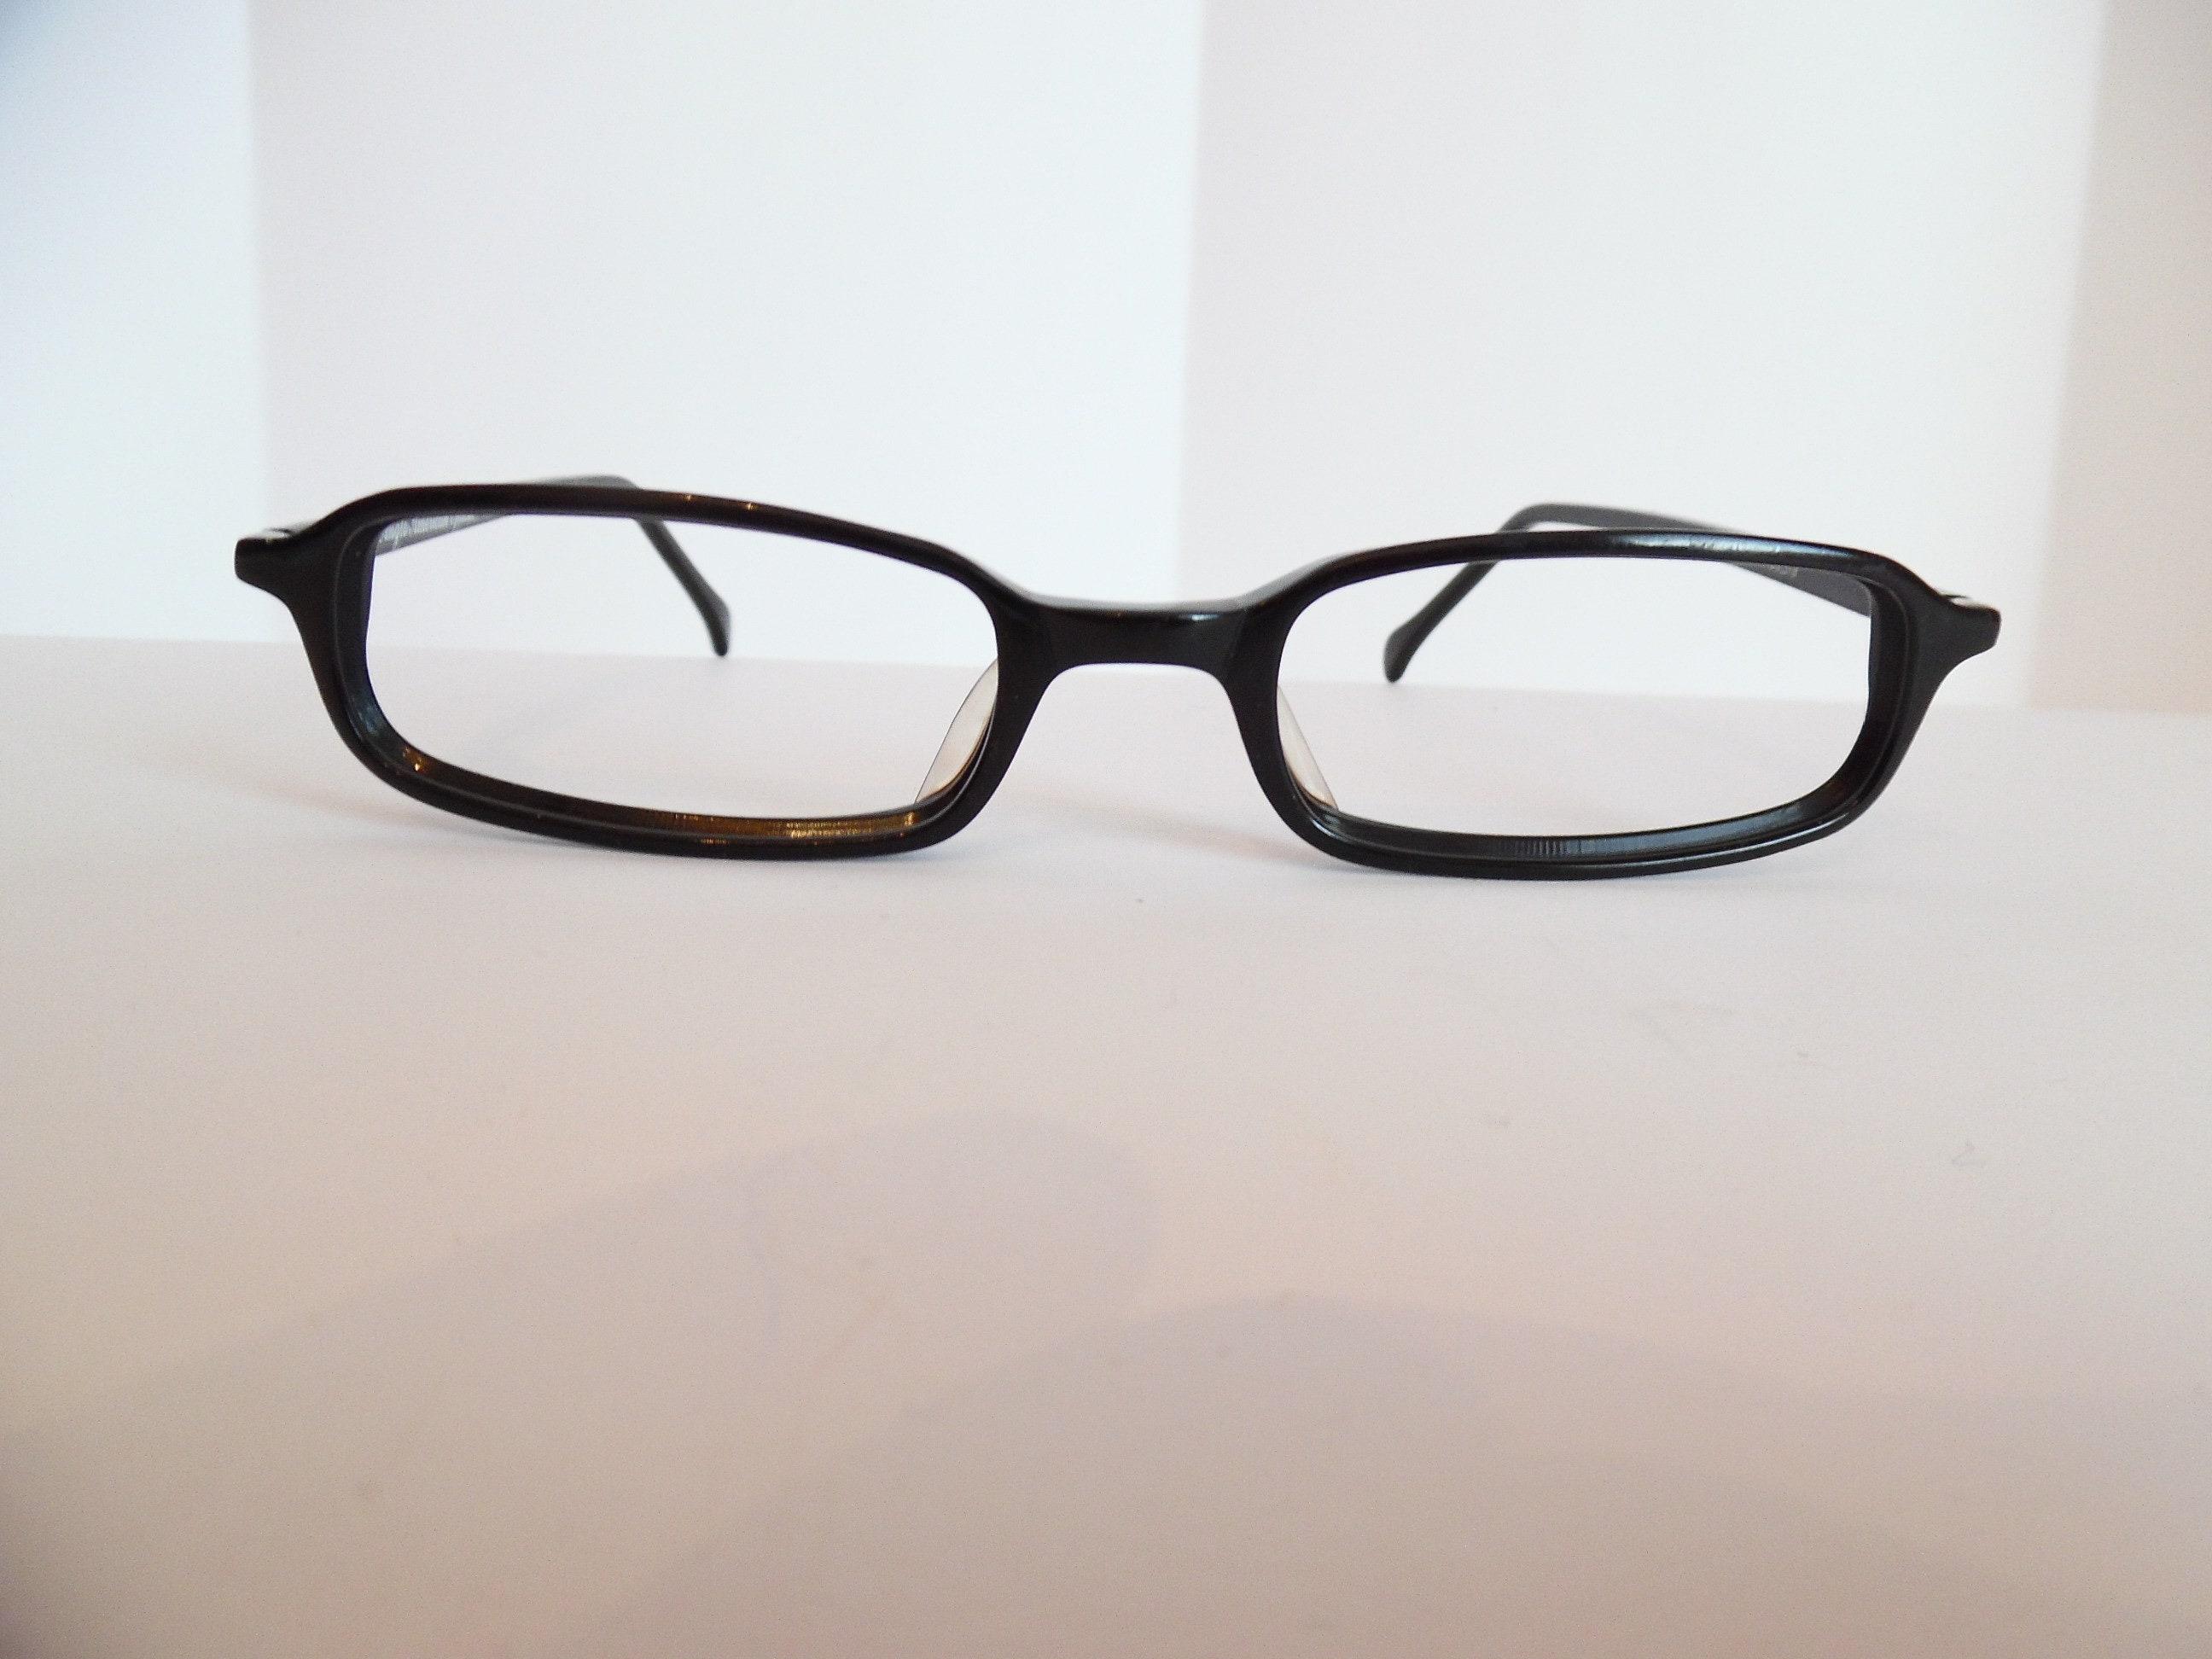 Jahrgang Anglo amerikanischen optische Mod.278 Brille Rahmen | Etsy